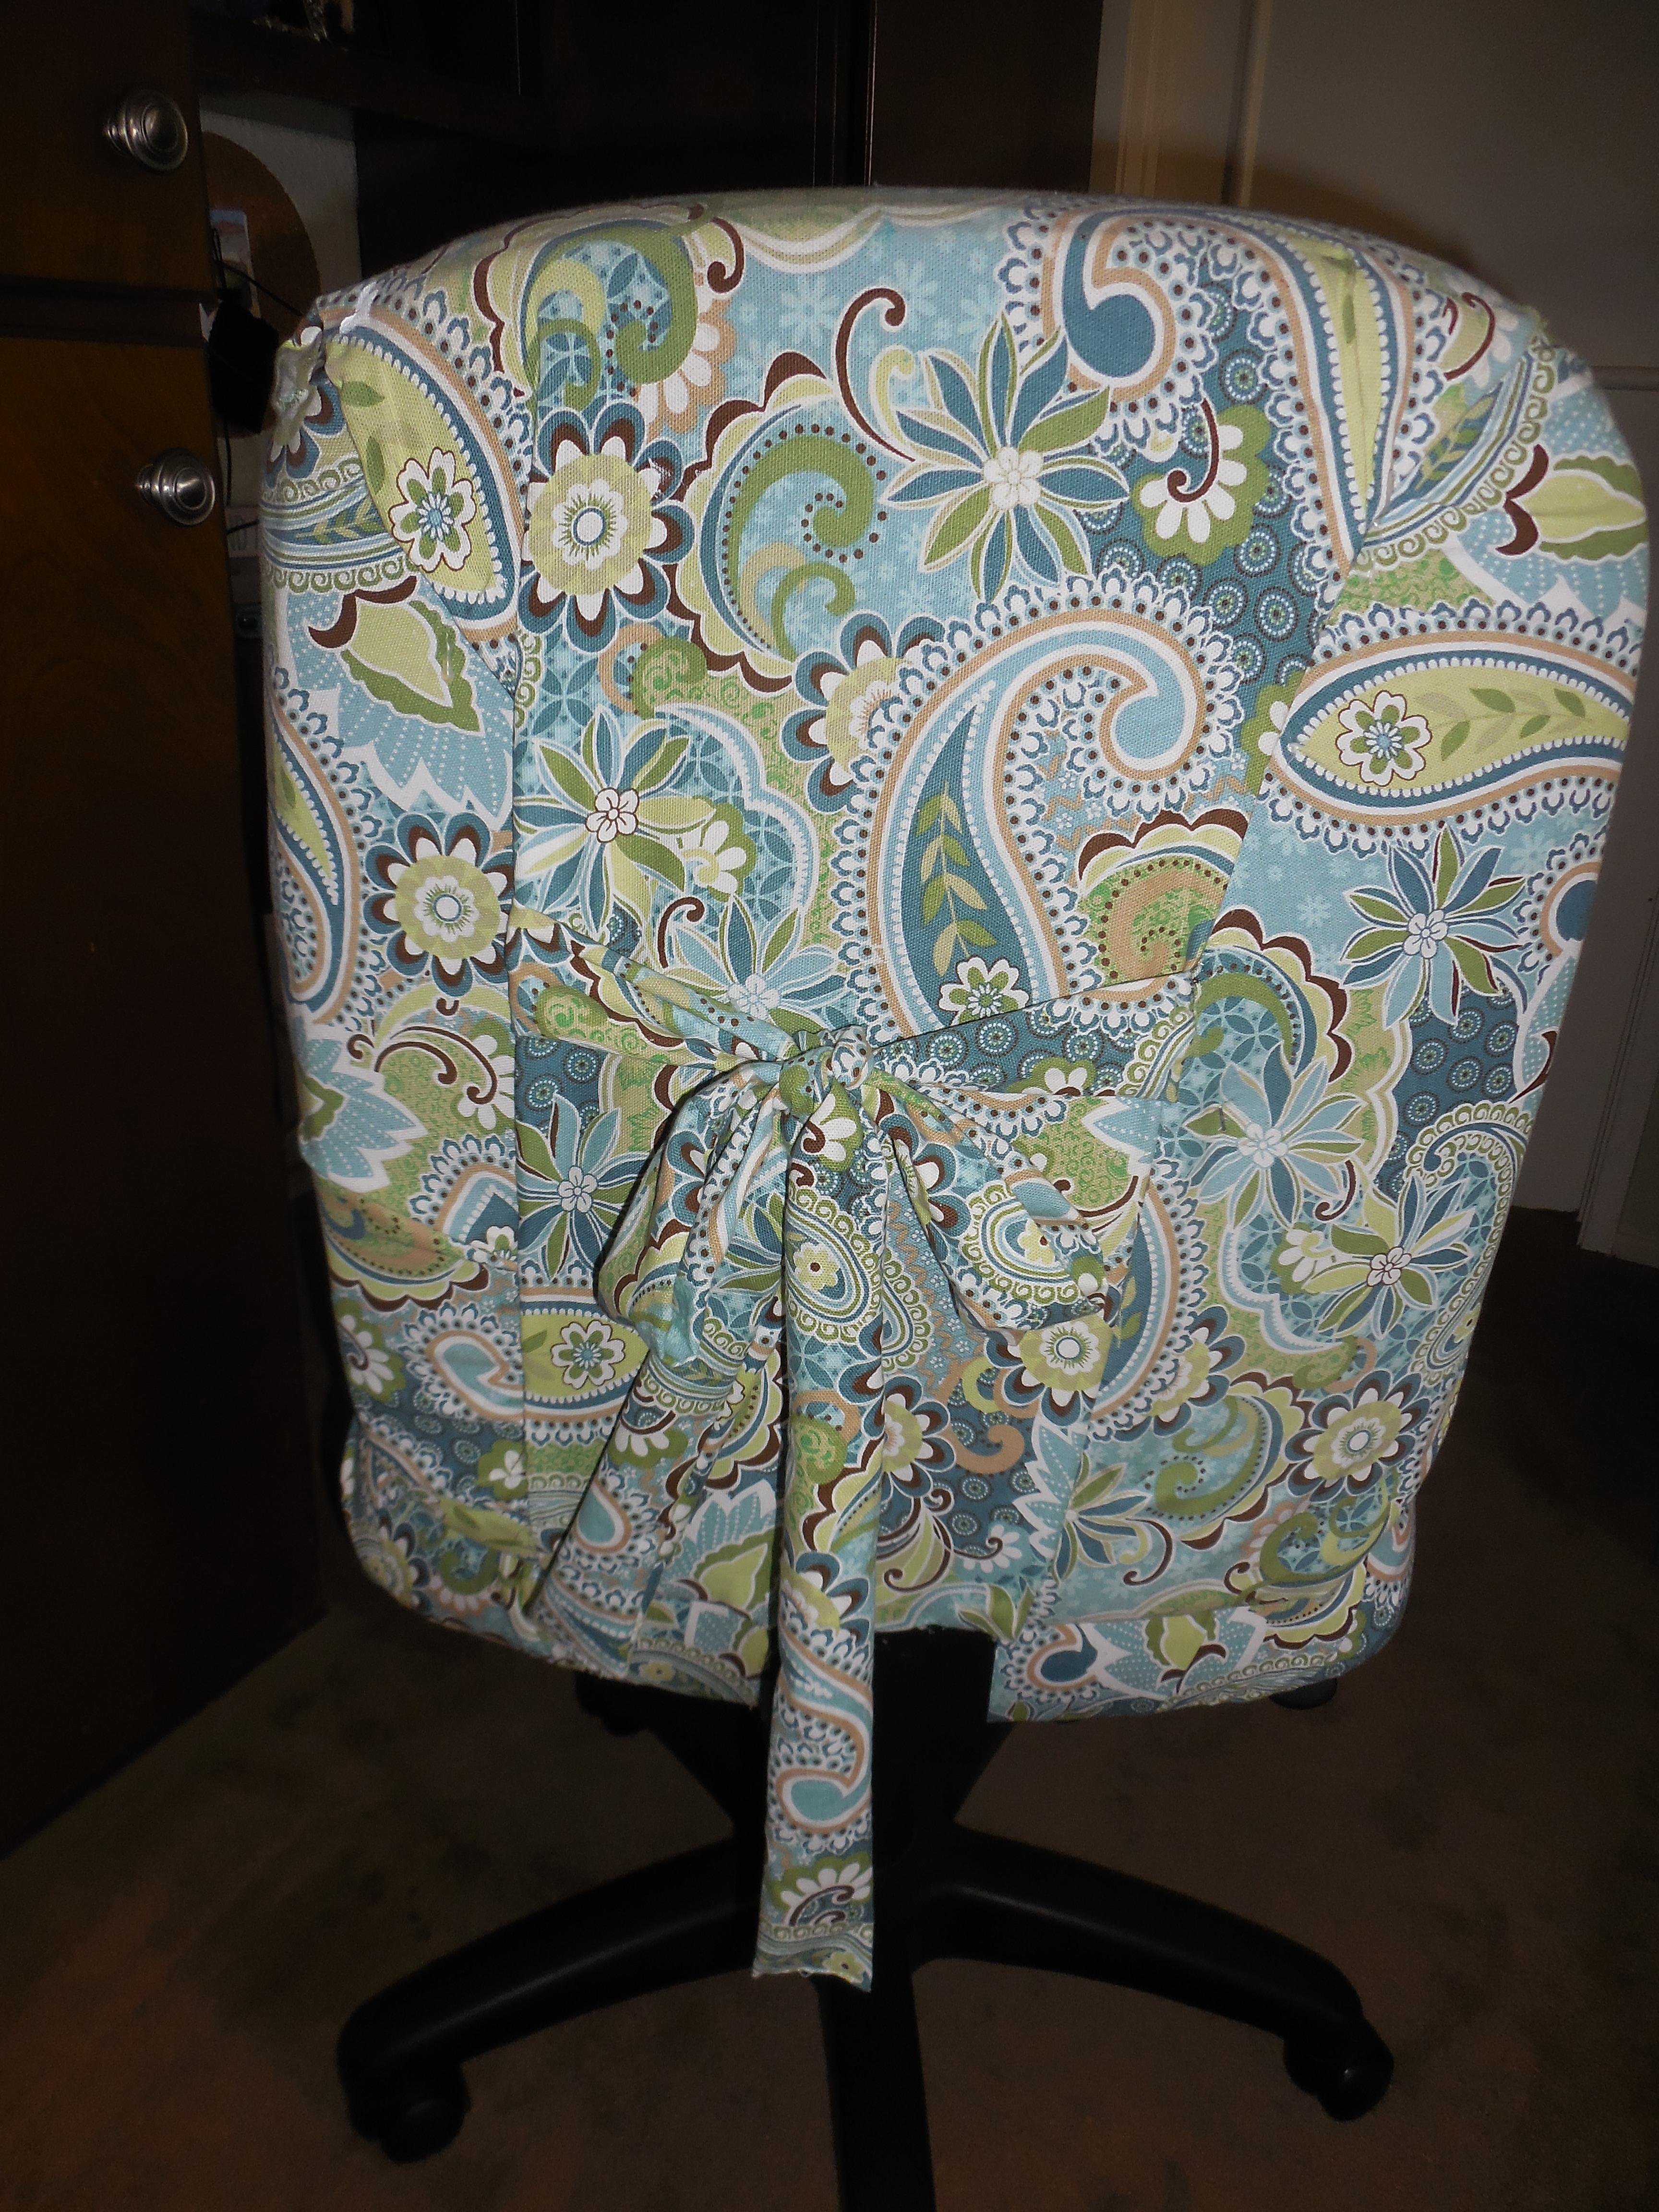 conputer chair back.JPG